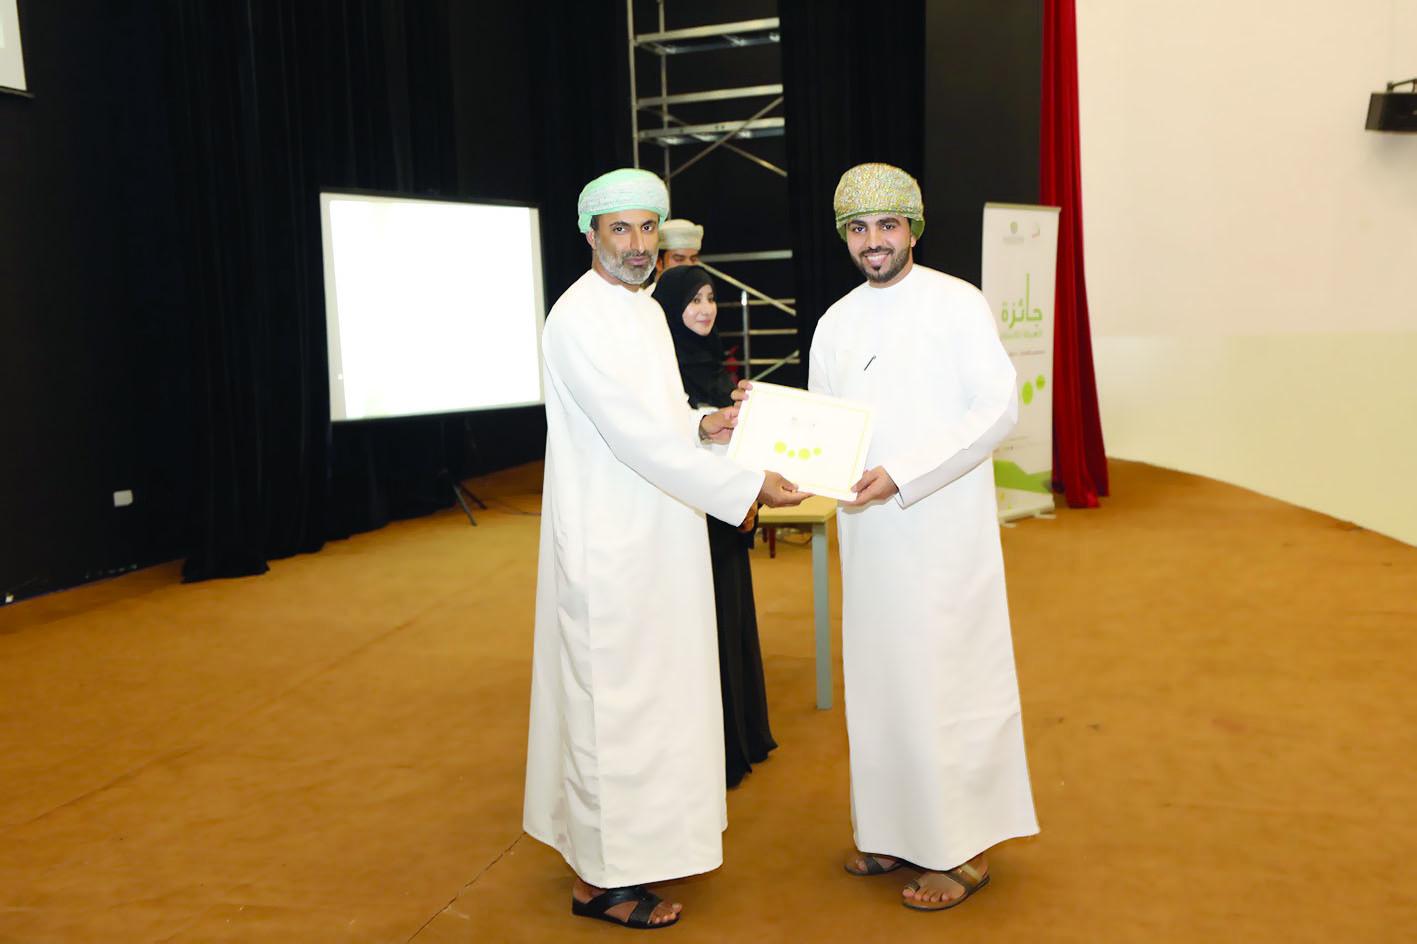 مجلس البحث العلمي يبدأ تقييم المشاركين بجائزة الغرفة للابتكار